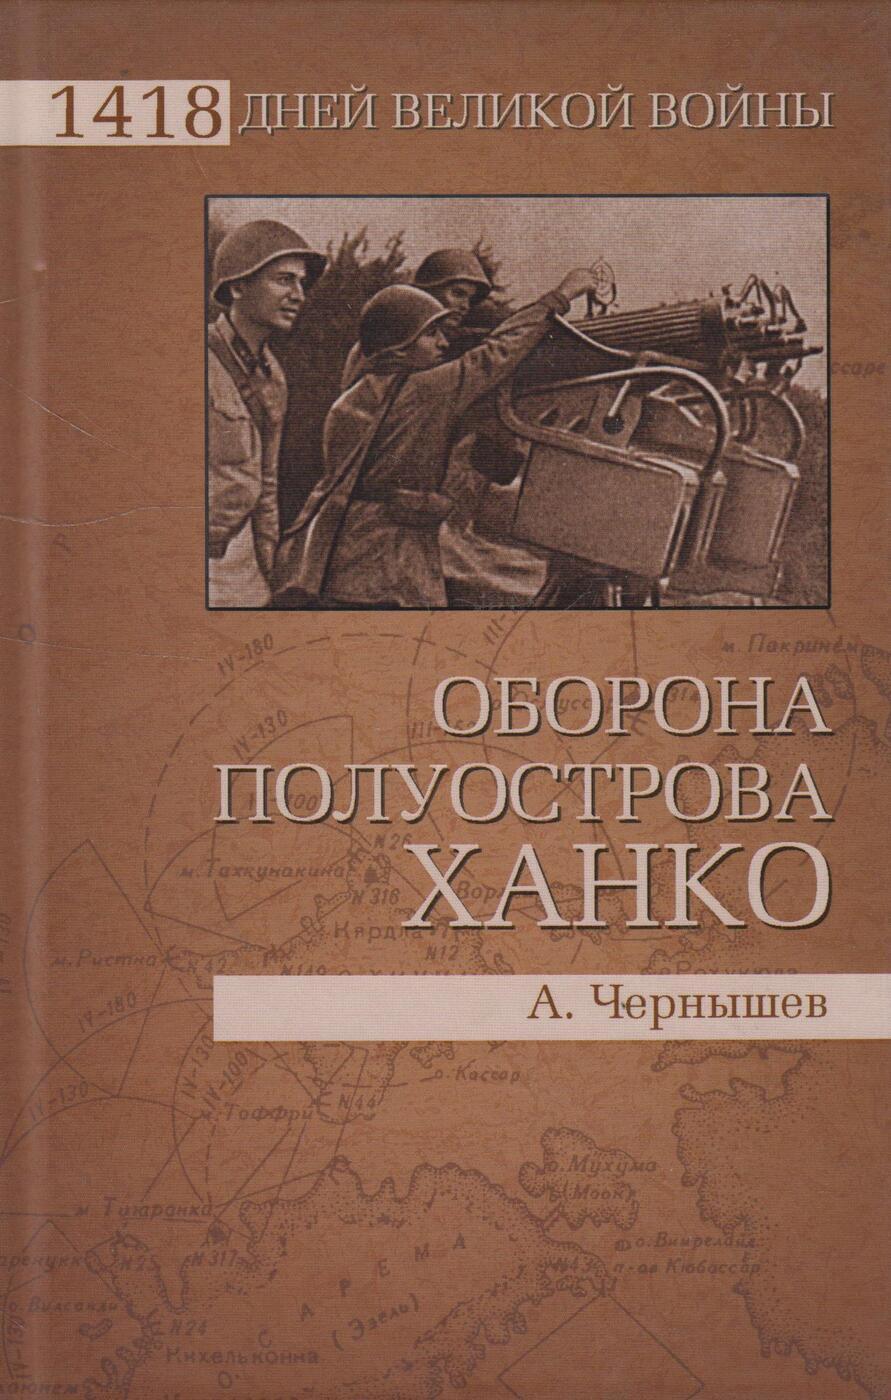 Чернышев Александр Алексеевич Оборона полуострова Ханко